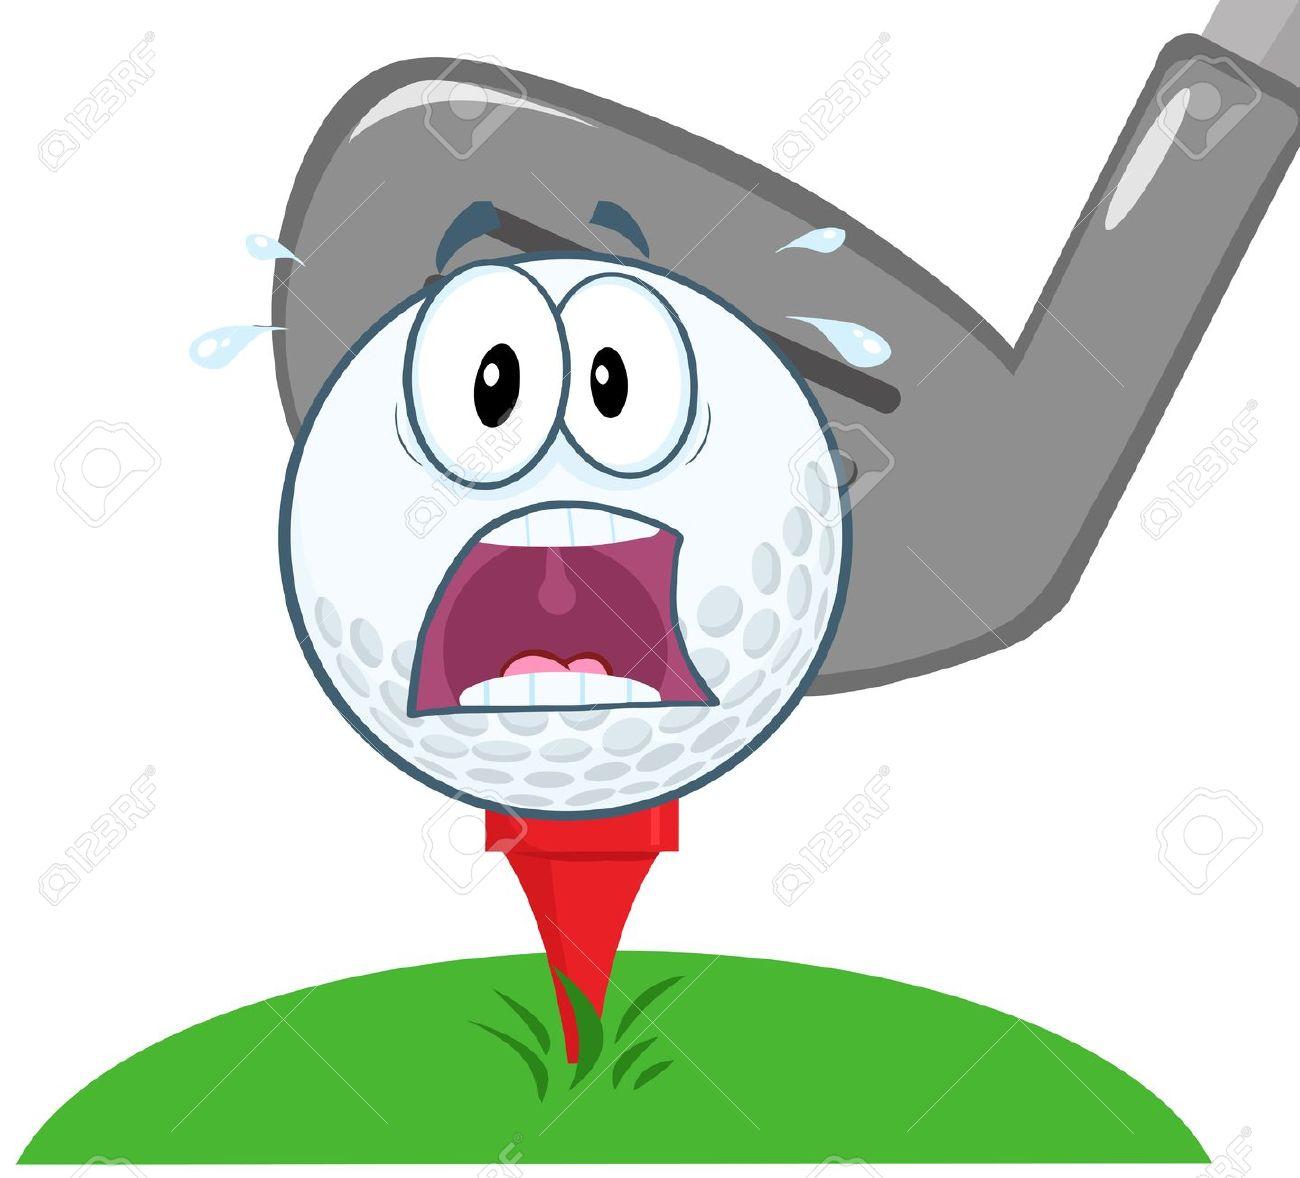 Golf Ball clipart fierce Golf Cartoon Golf Over Tee